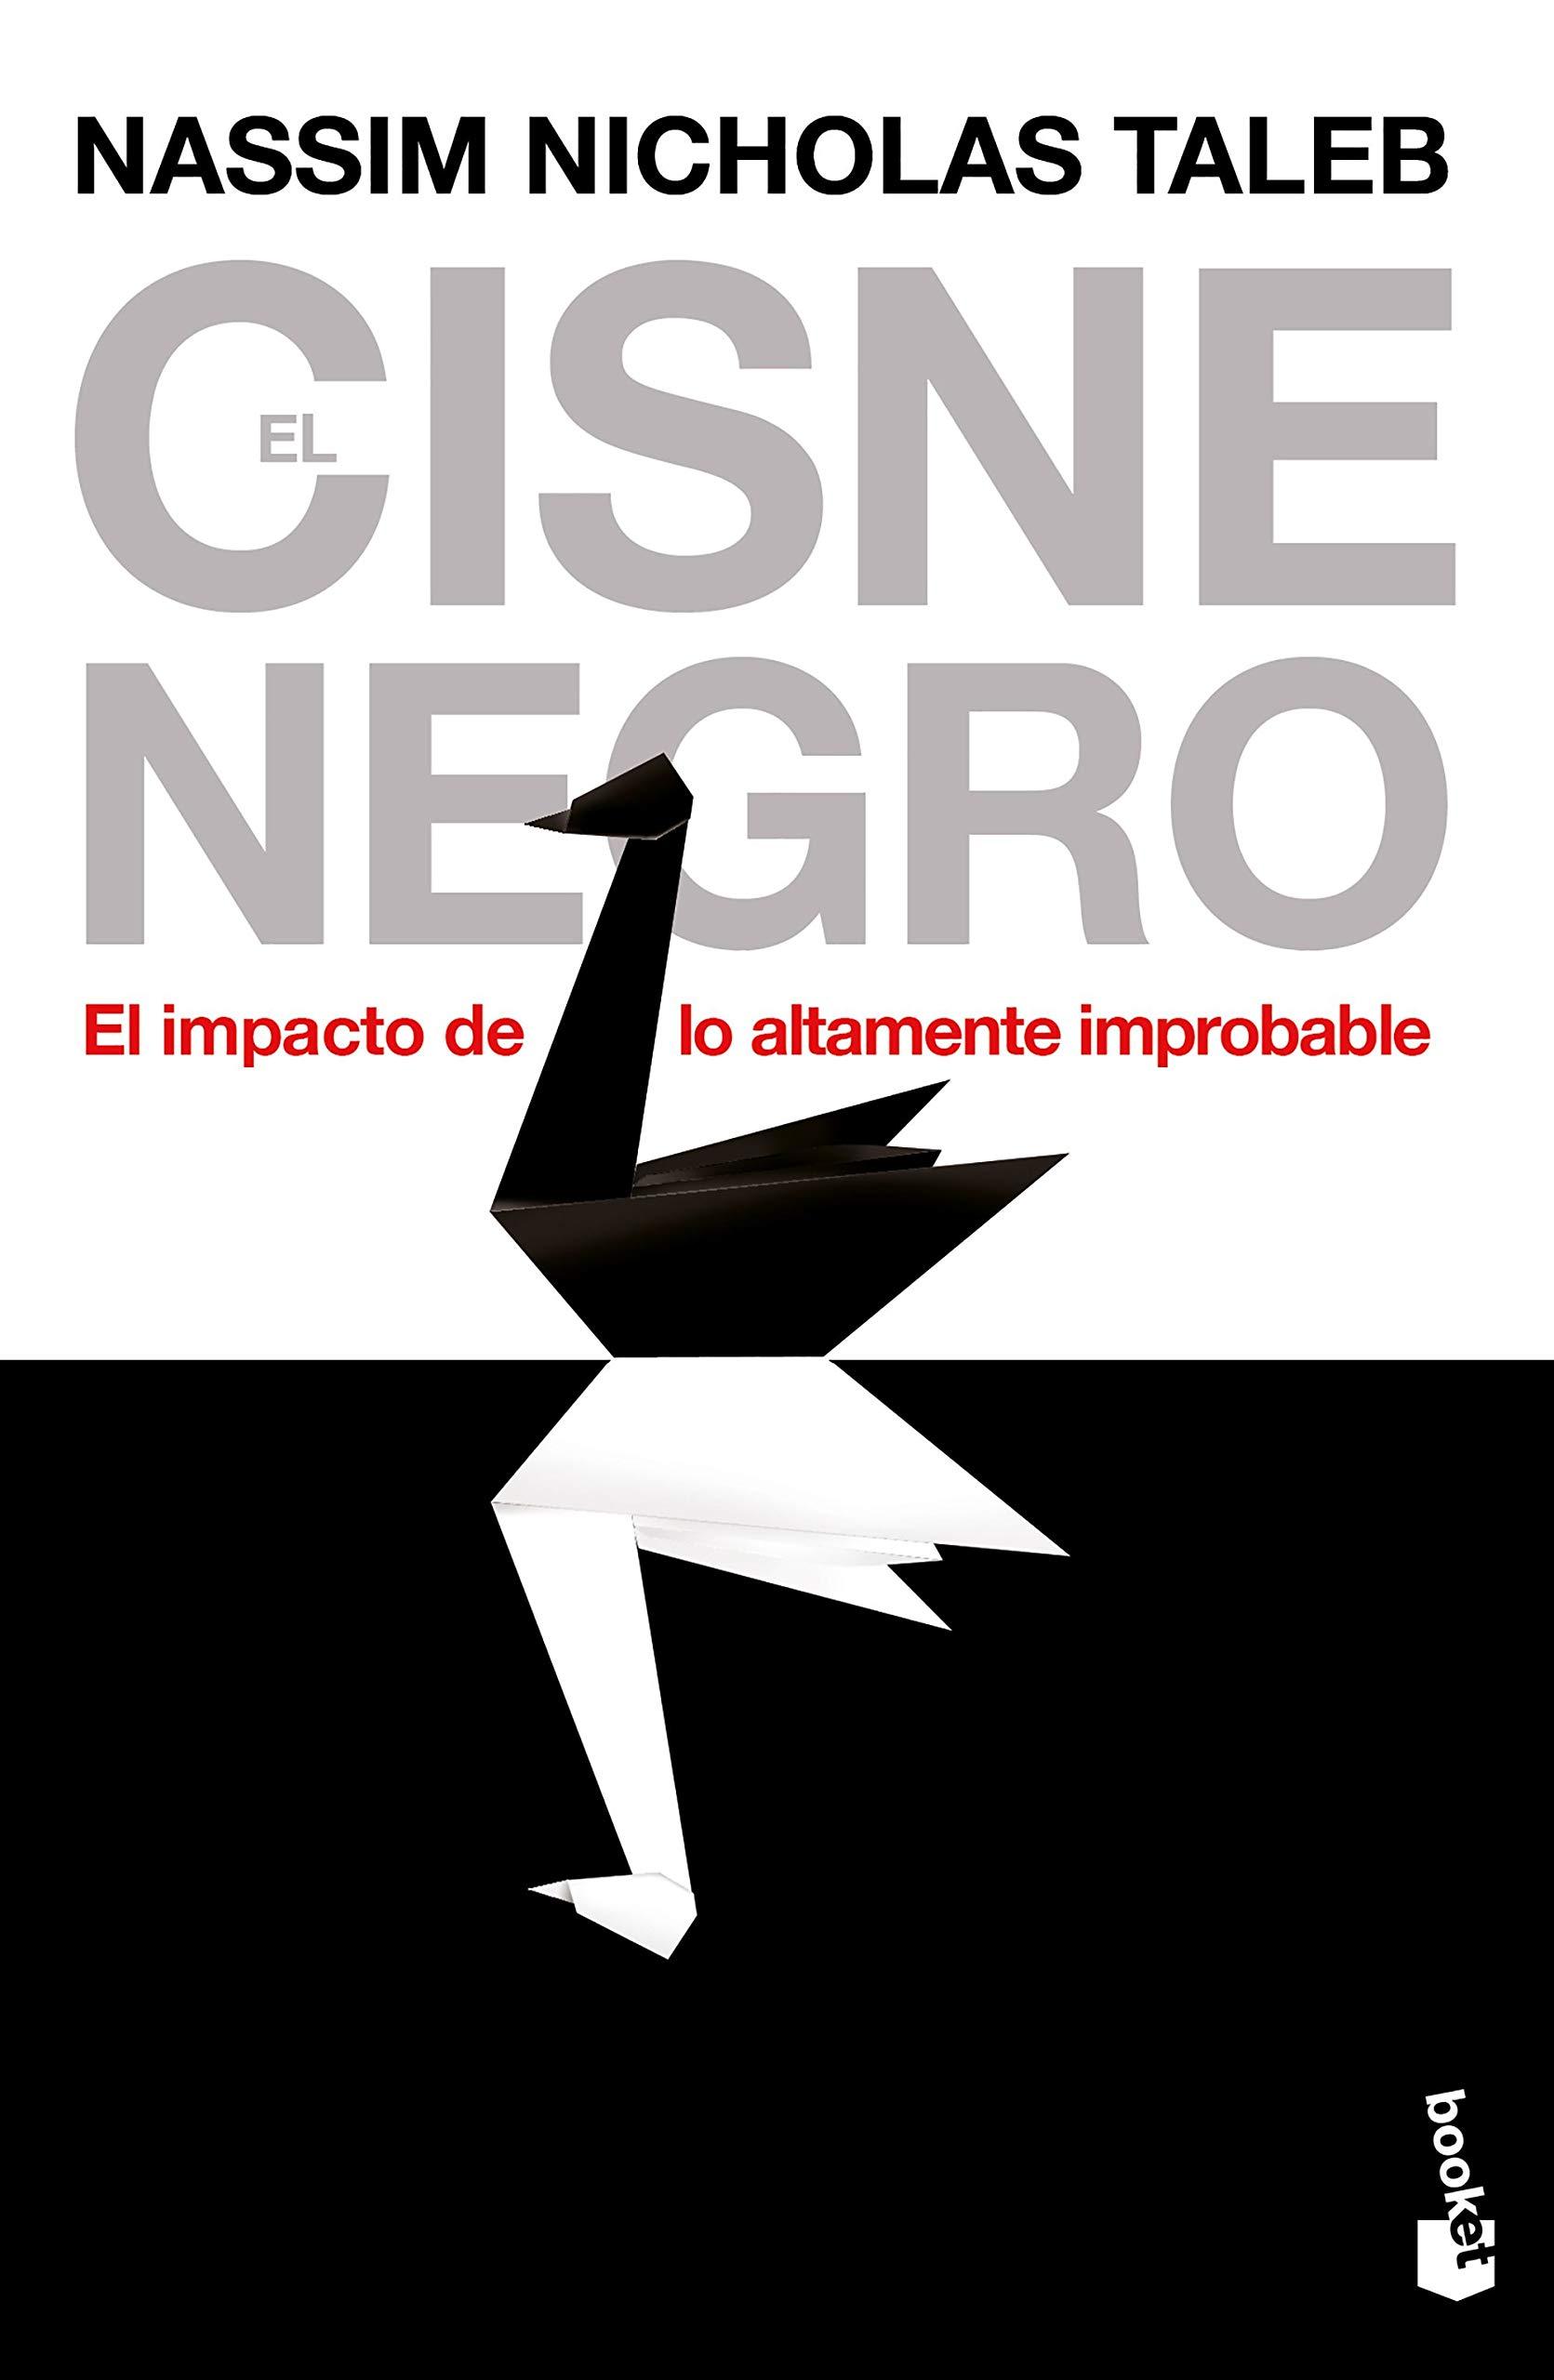 Libro El cisne negro